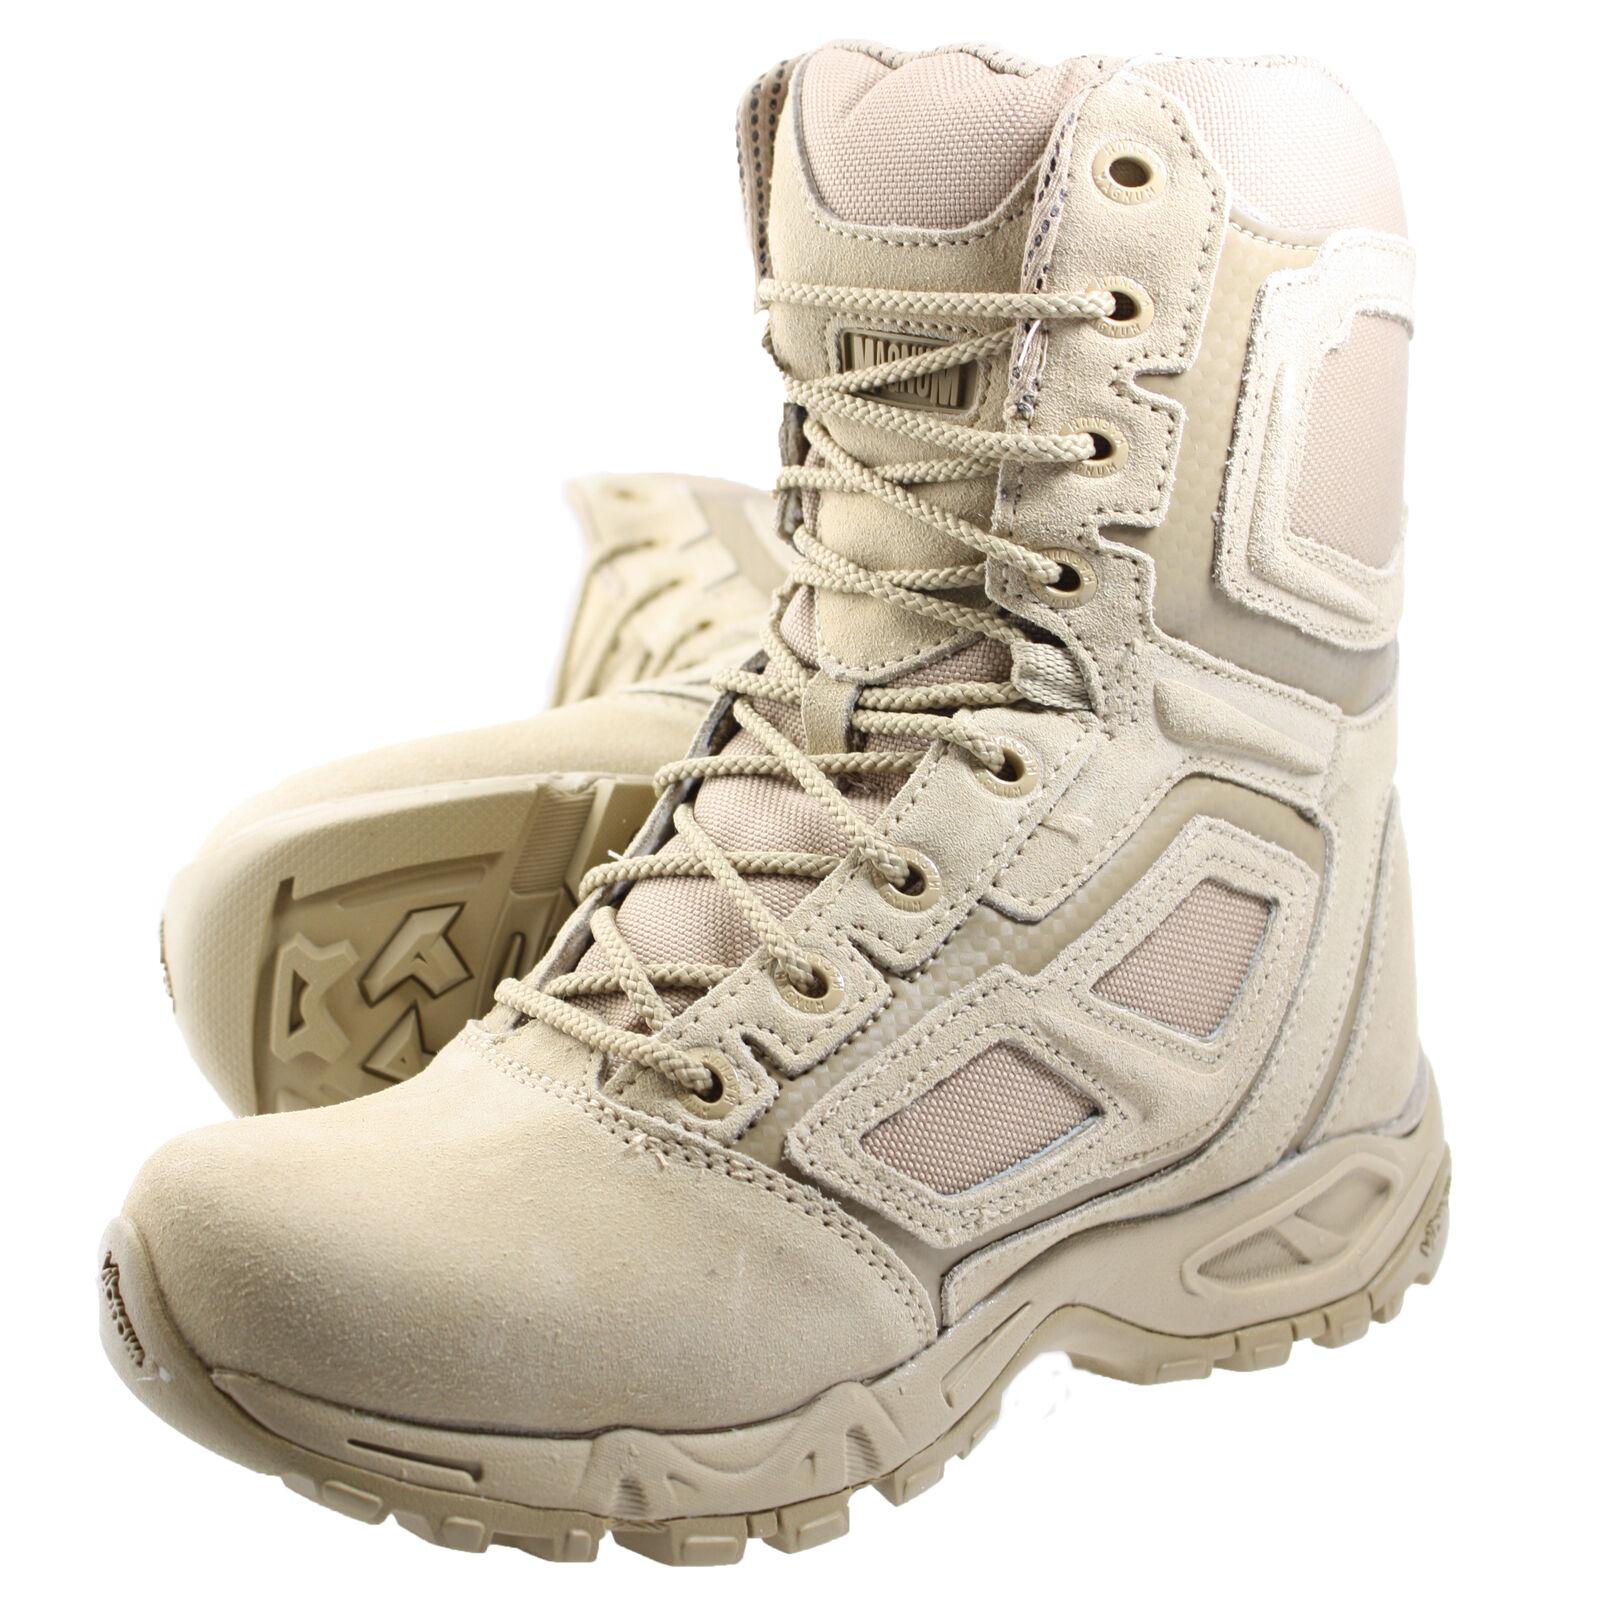 HiTec Magnum Elite Spider 8.0 Desert Tan Hiking Boots Beige Sand hi-tec